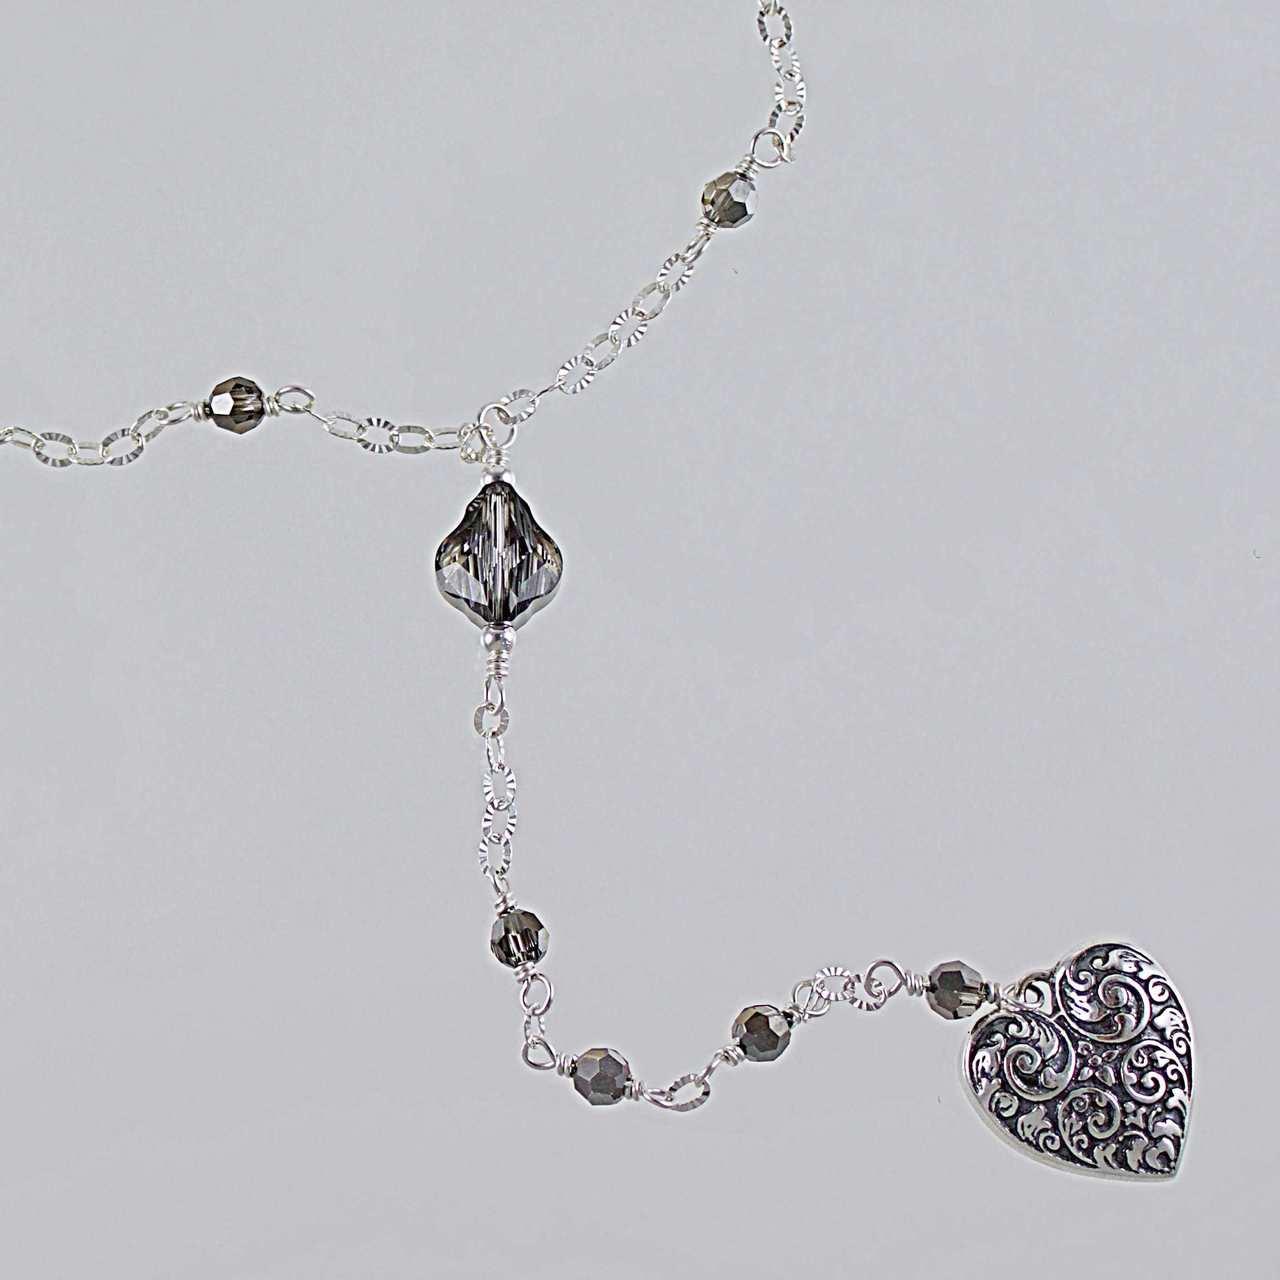 82ed45ef6819b Silver Night Swarovski Crystal & Sterling Silver Y Necklace